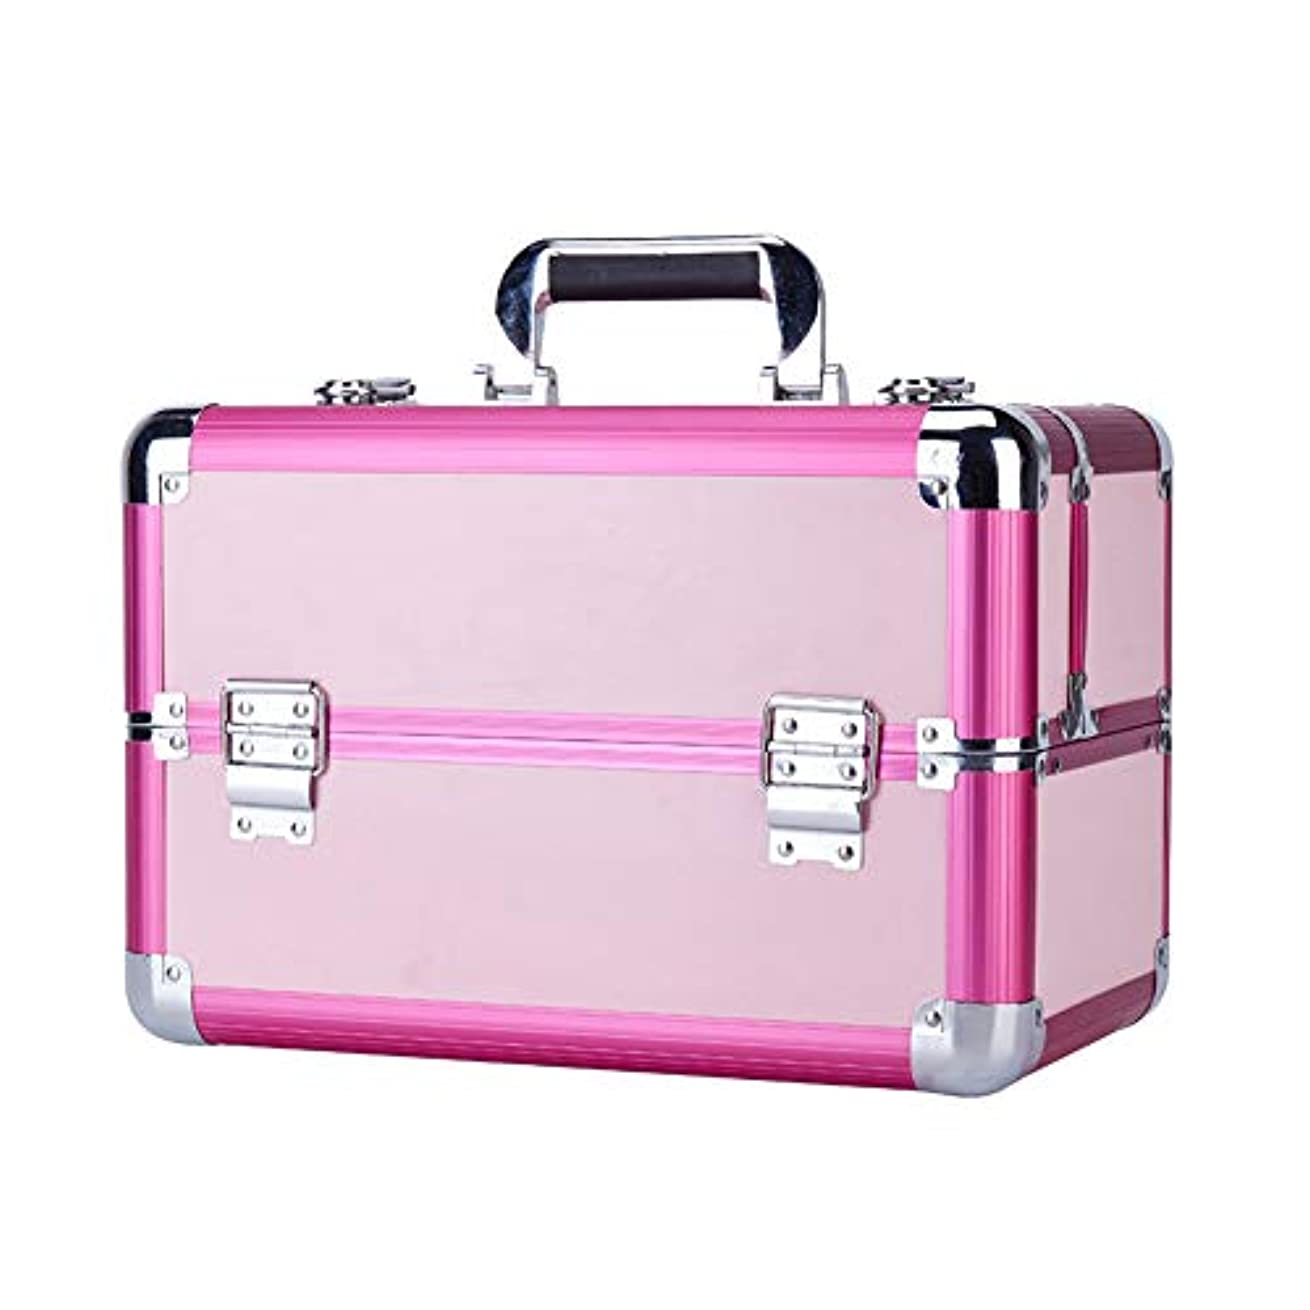 寸前カテナスリラー特大スペース収納ビューティーボックス 美の構造のためそしてジッパーおよび折る皿が付いている女の子の女性旅行そして毎日の貯蔵のための高容量の携帯用化粧品袋 化粧品化粧台 (色 : ピンク)